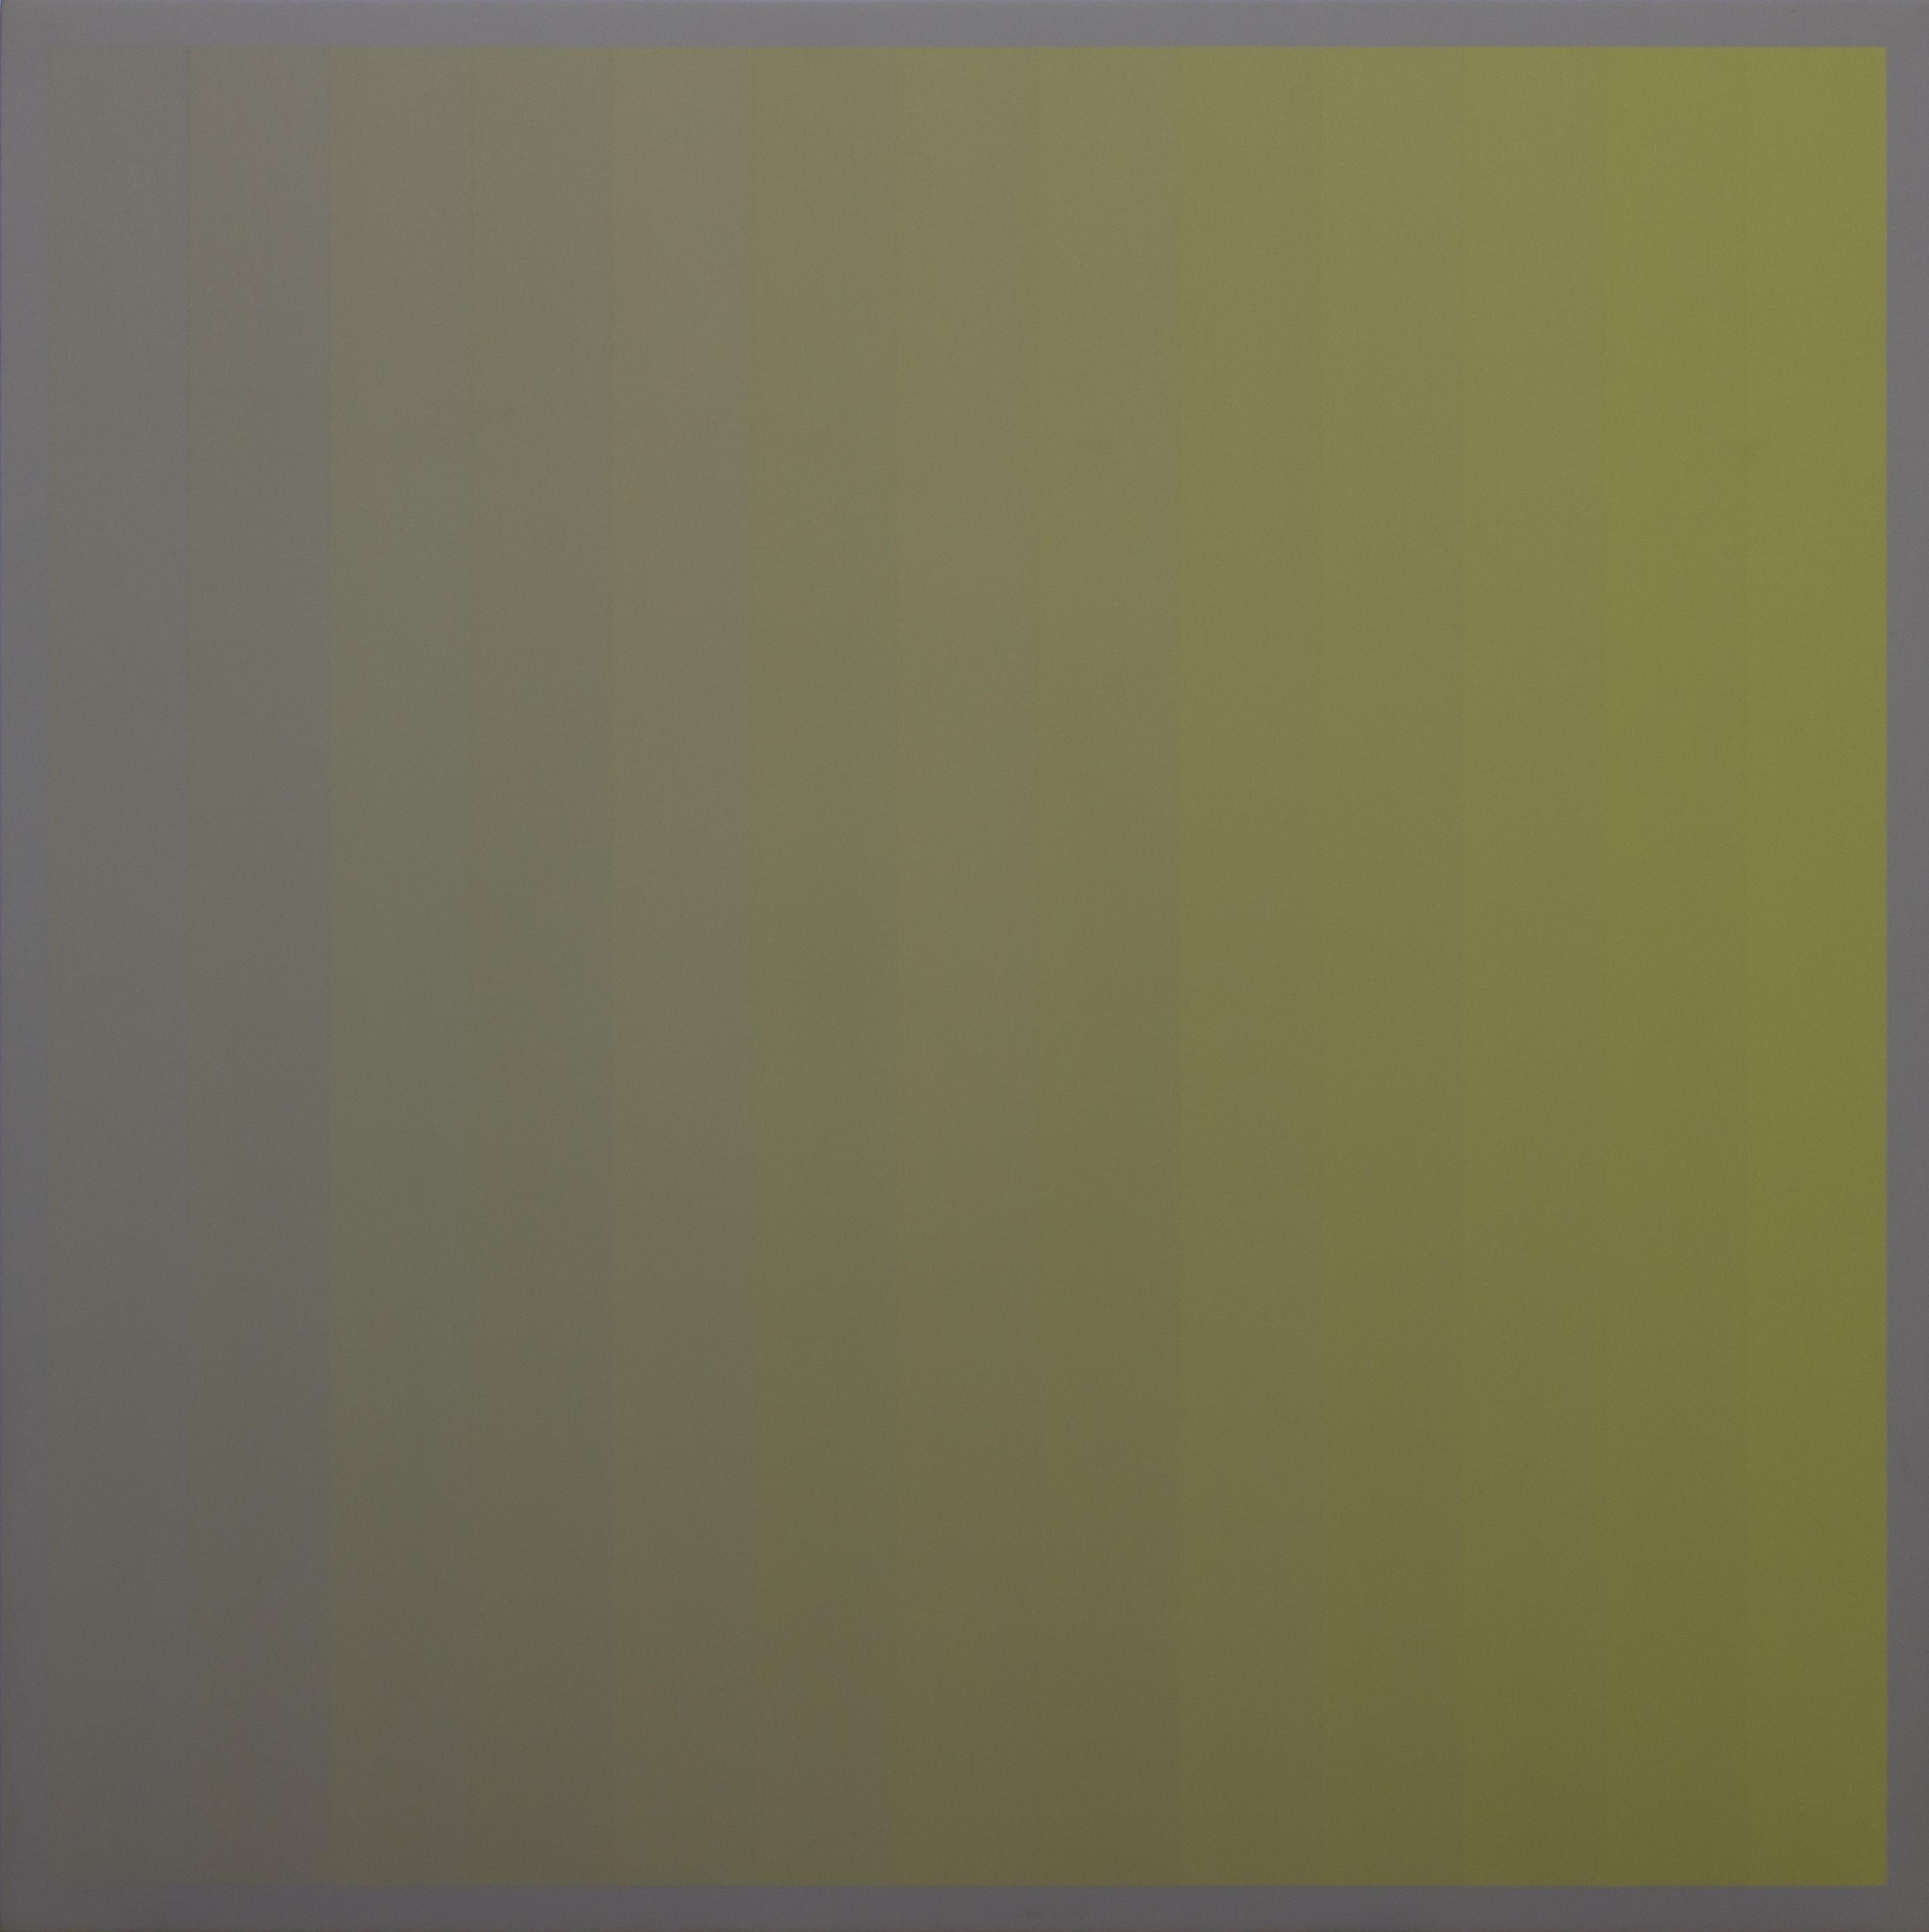 Christian Roeckenschuss | K317, 100 x 100 cm, Alkydharzfarbe auf Phenapan, 1982